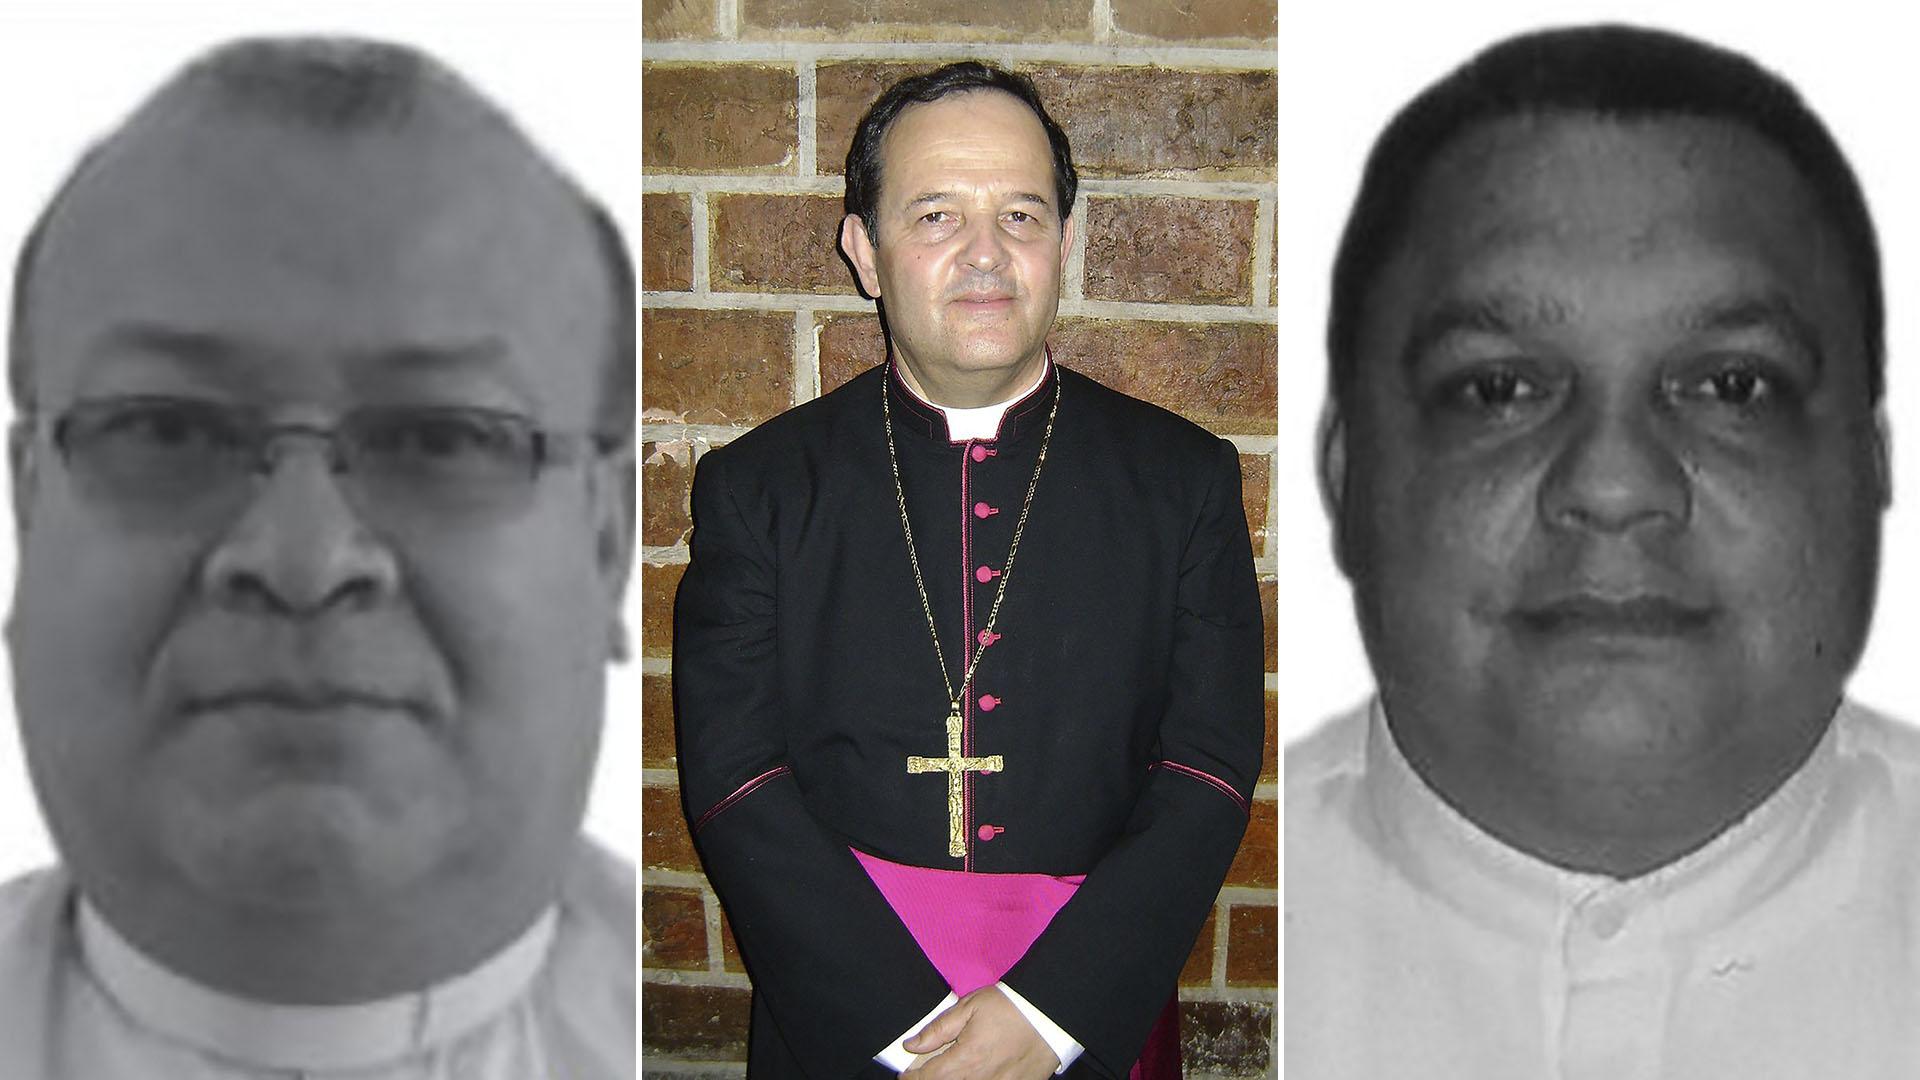 Estos son algunos de los sacerdotes acusados de pederastia (Foto: Archivo)